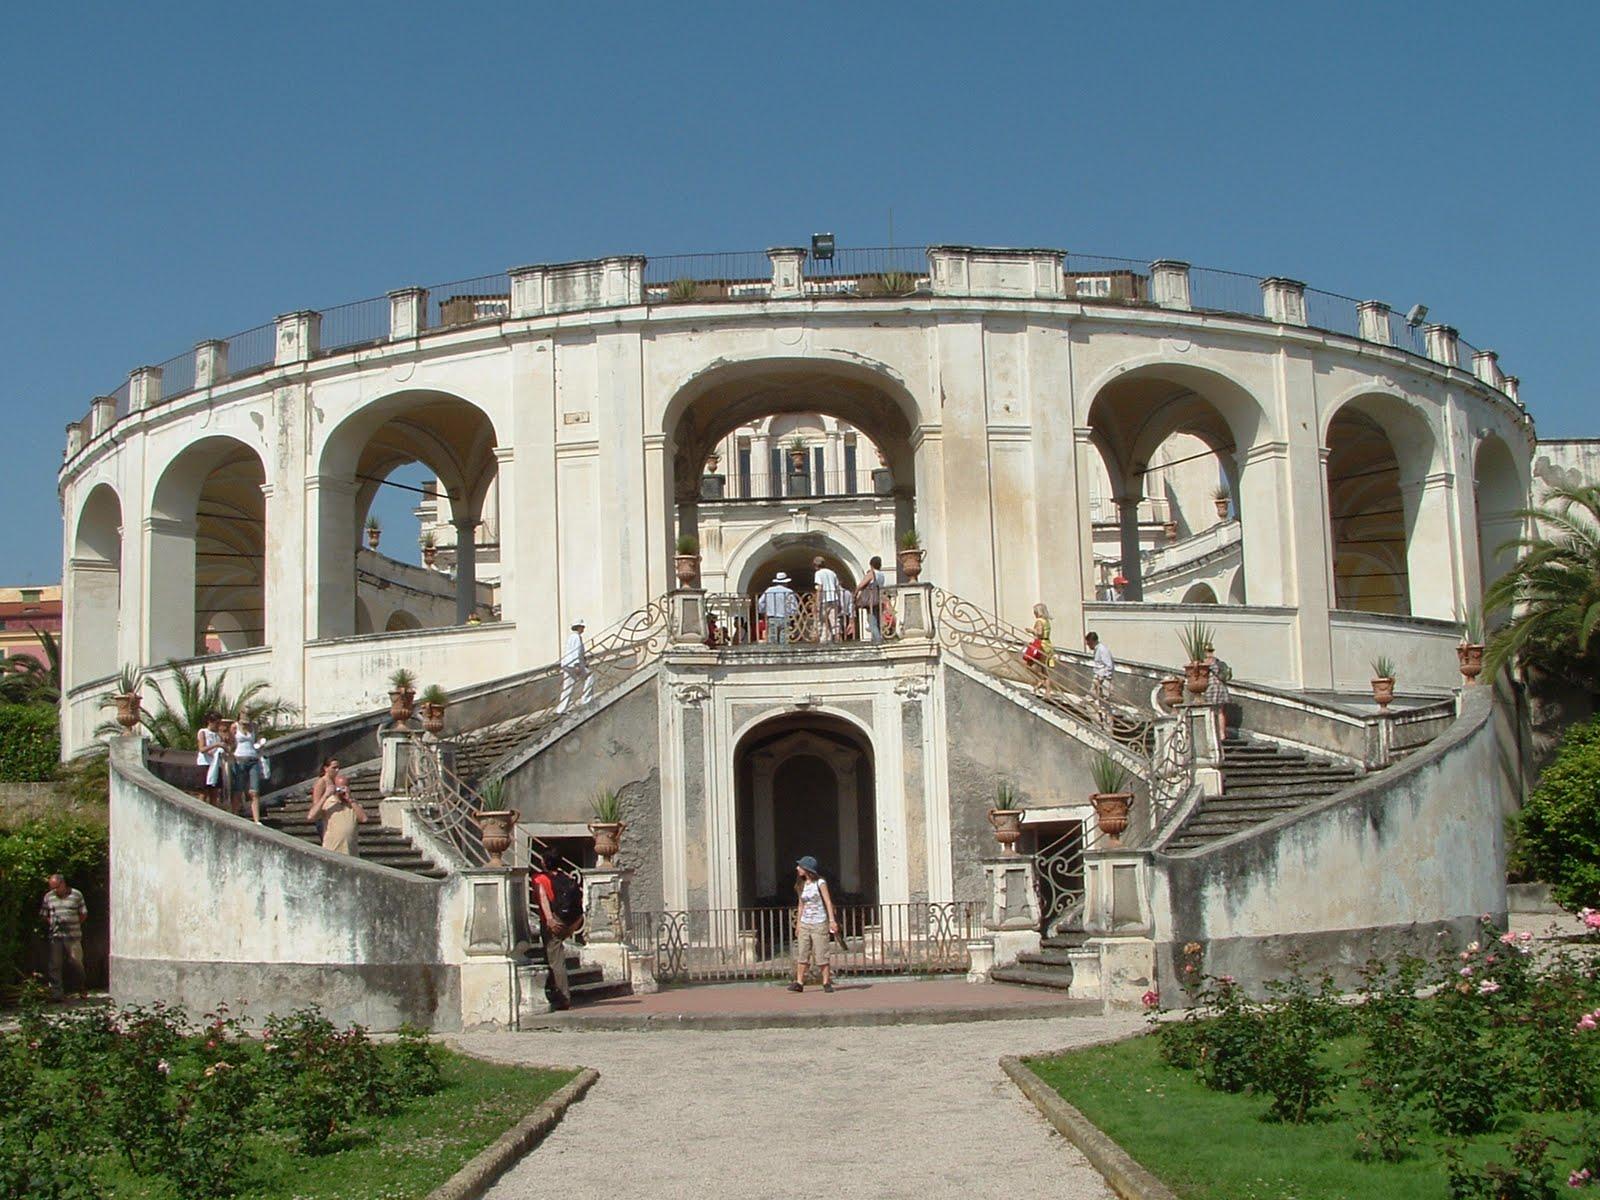 Matrimonio In Villa Campolieto : Solopergioco ricordi di viaggi ville vesuviane a ercolano